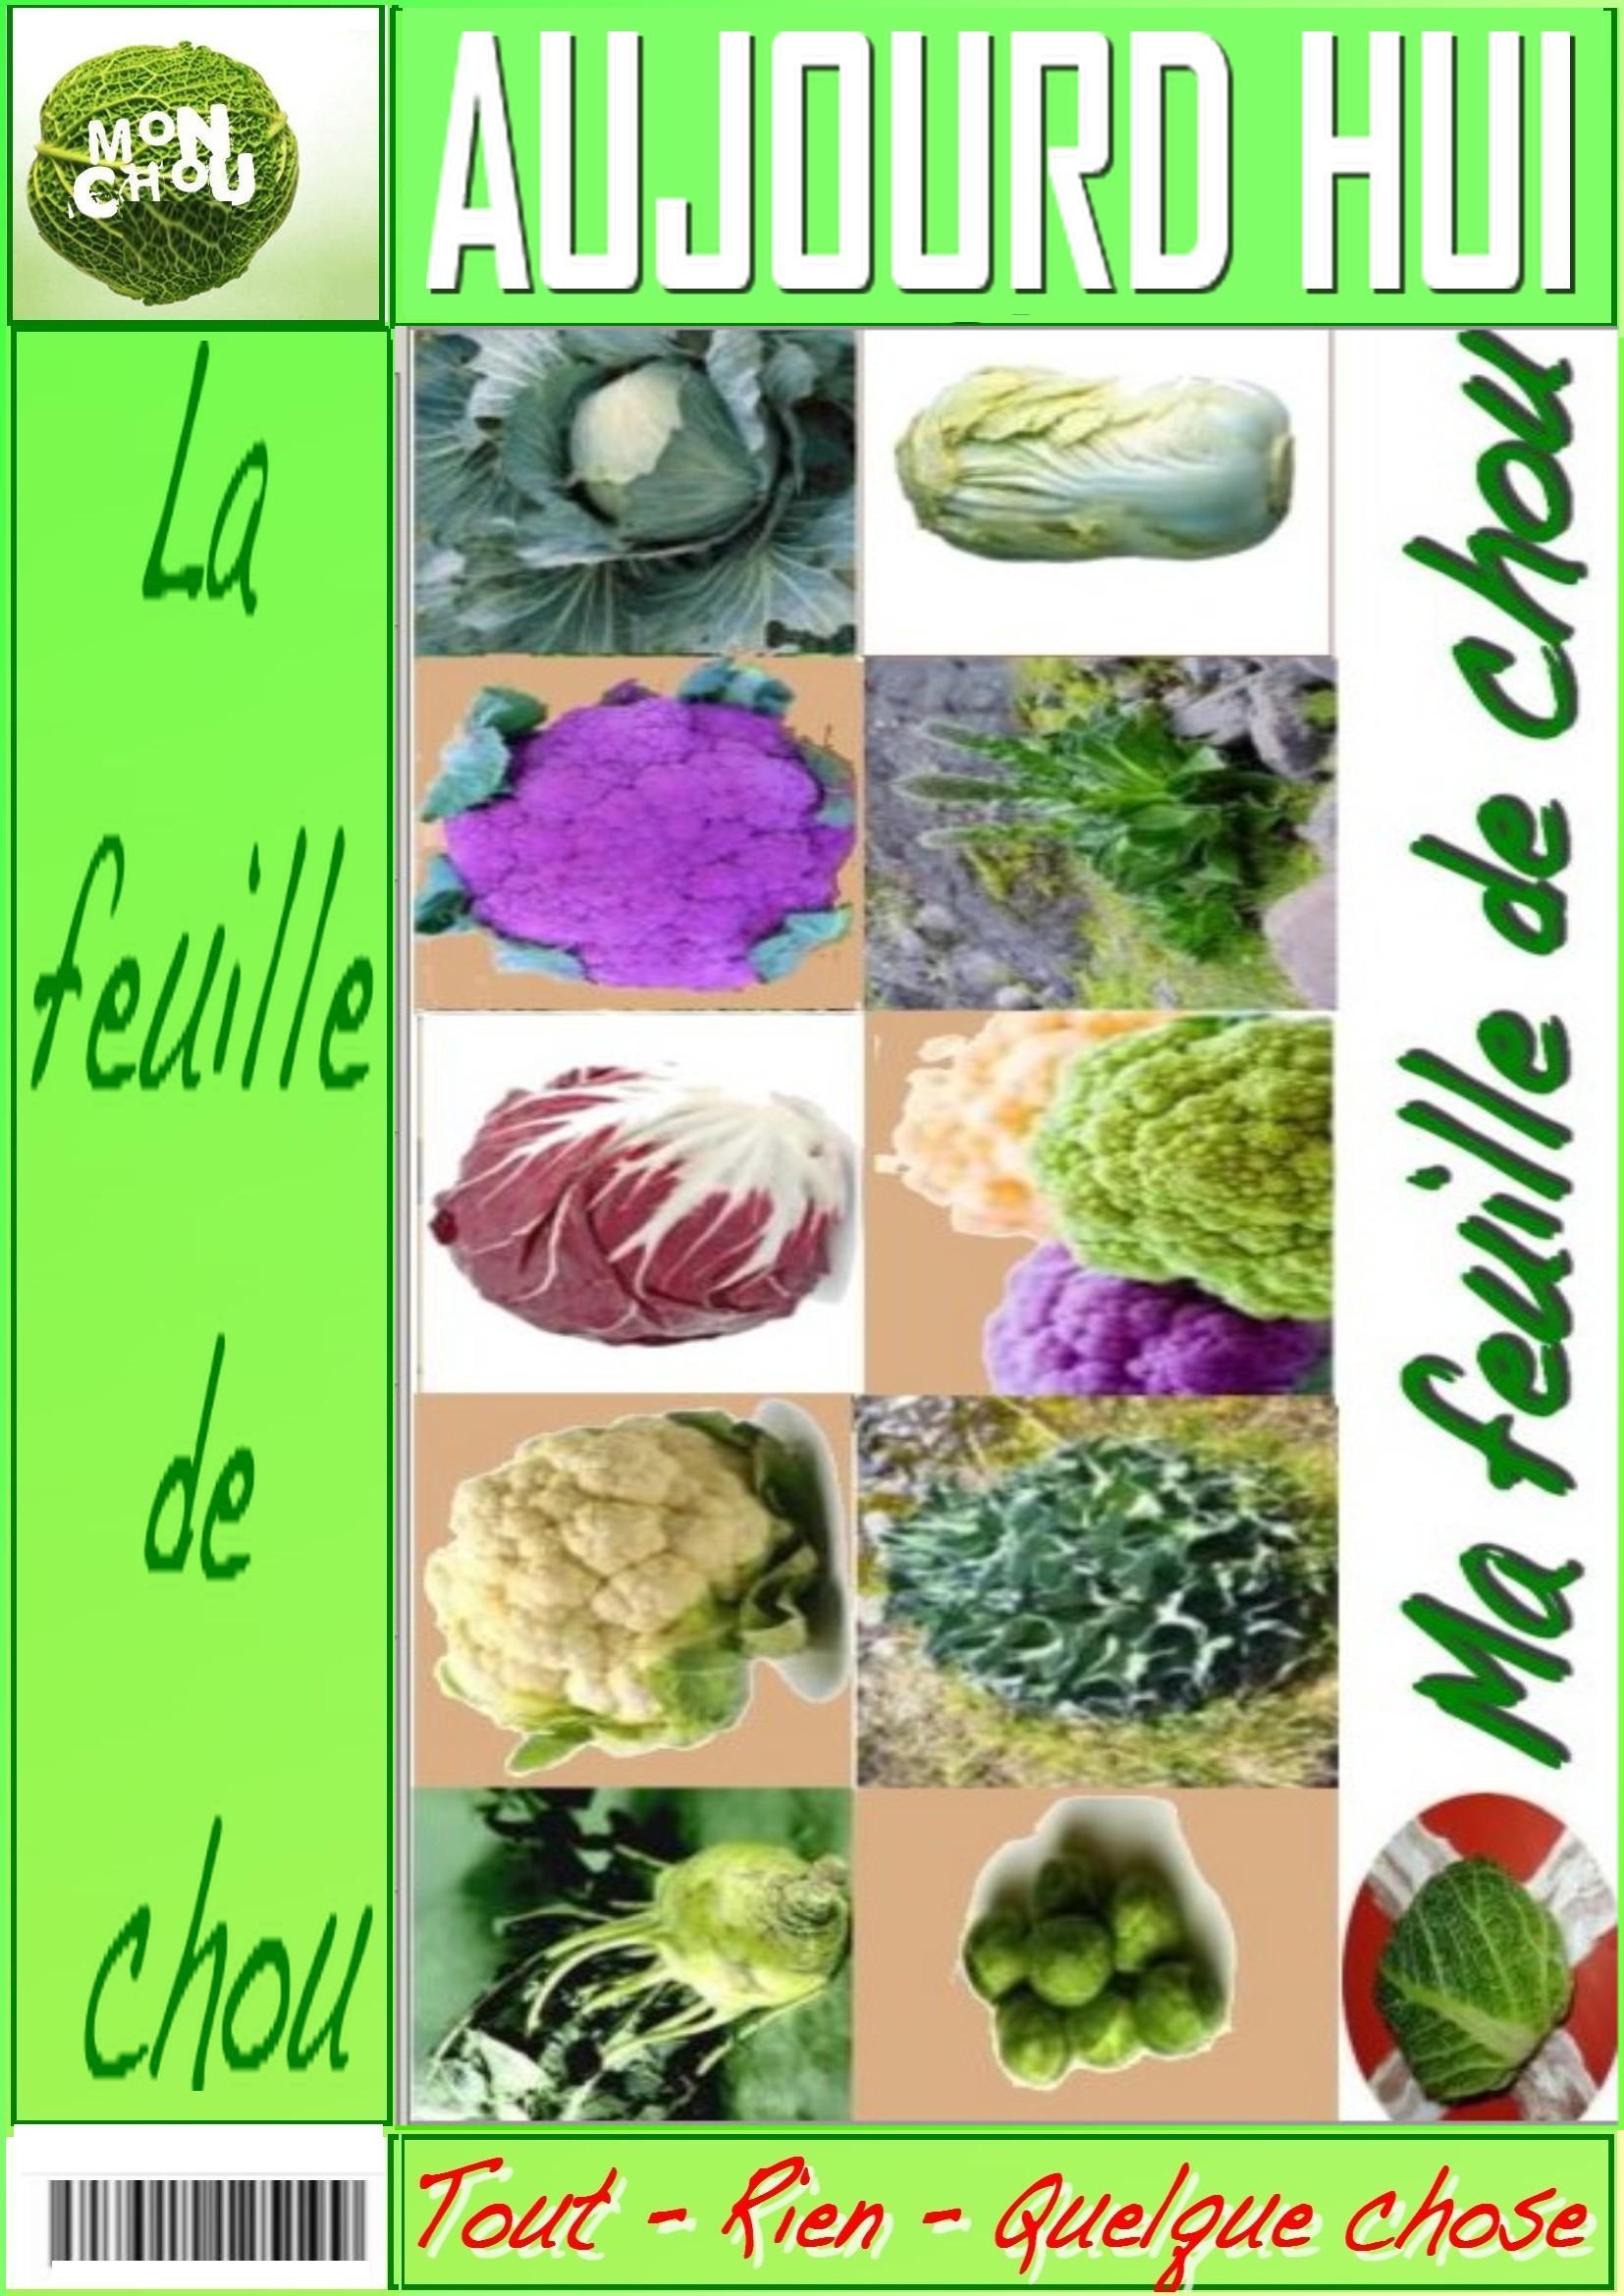 MA FEUILLE DE CHOU dans Mon chou 100325094201984875702420